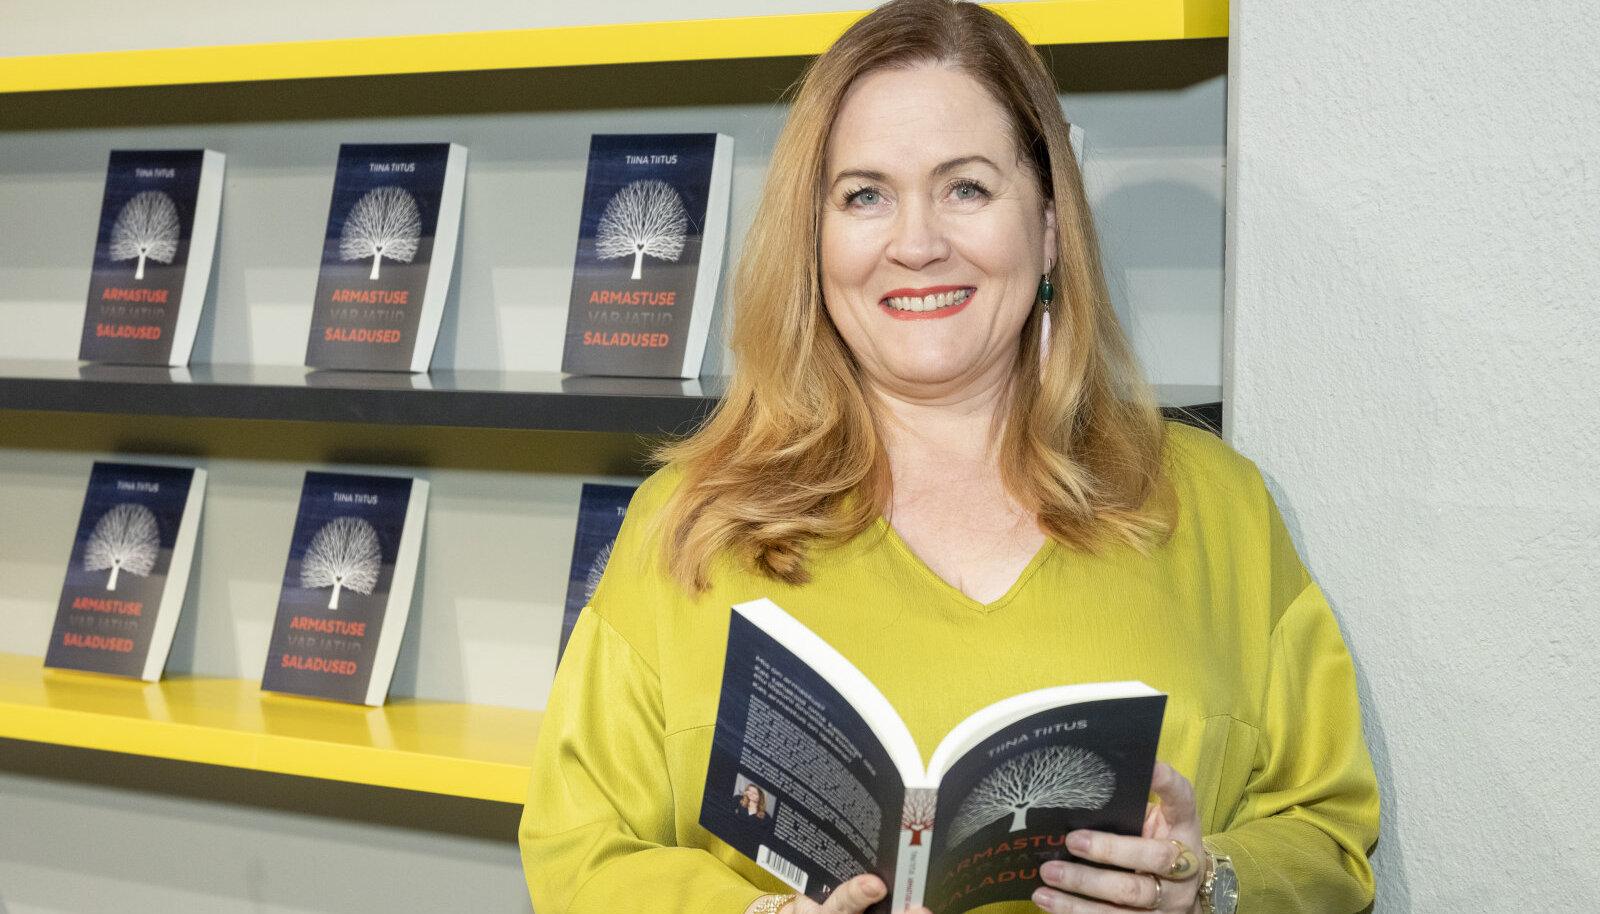 """Tiina Tiitus oma raamatu """"Armastuse varjatud saladused"""" esitlusel"""